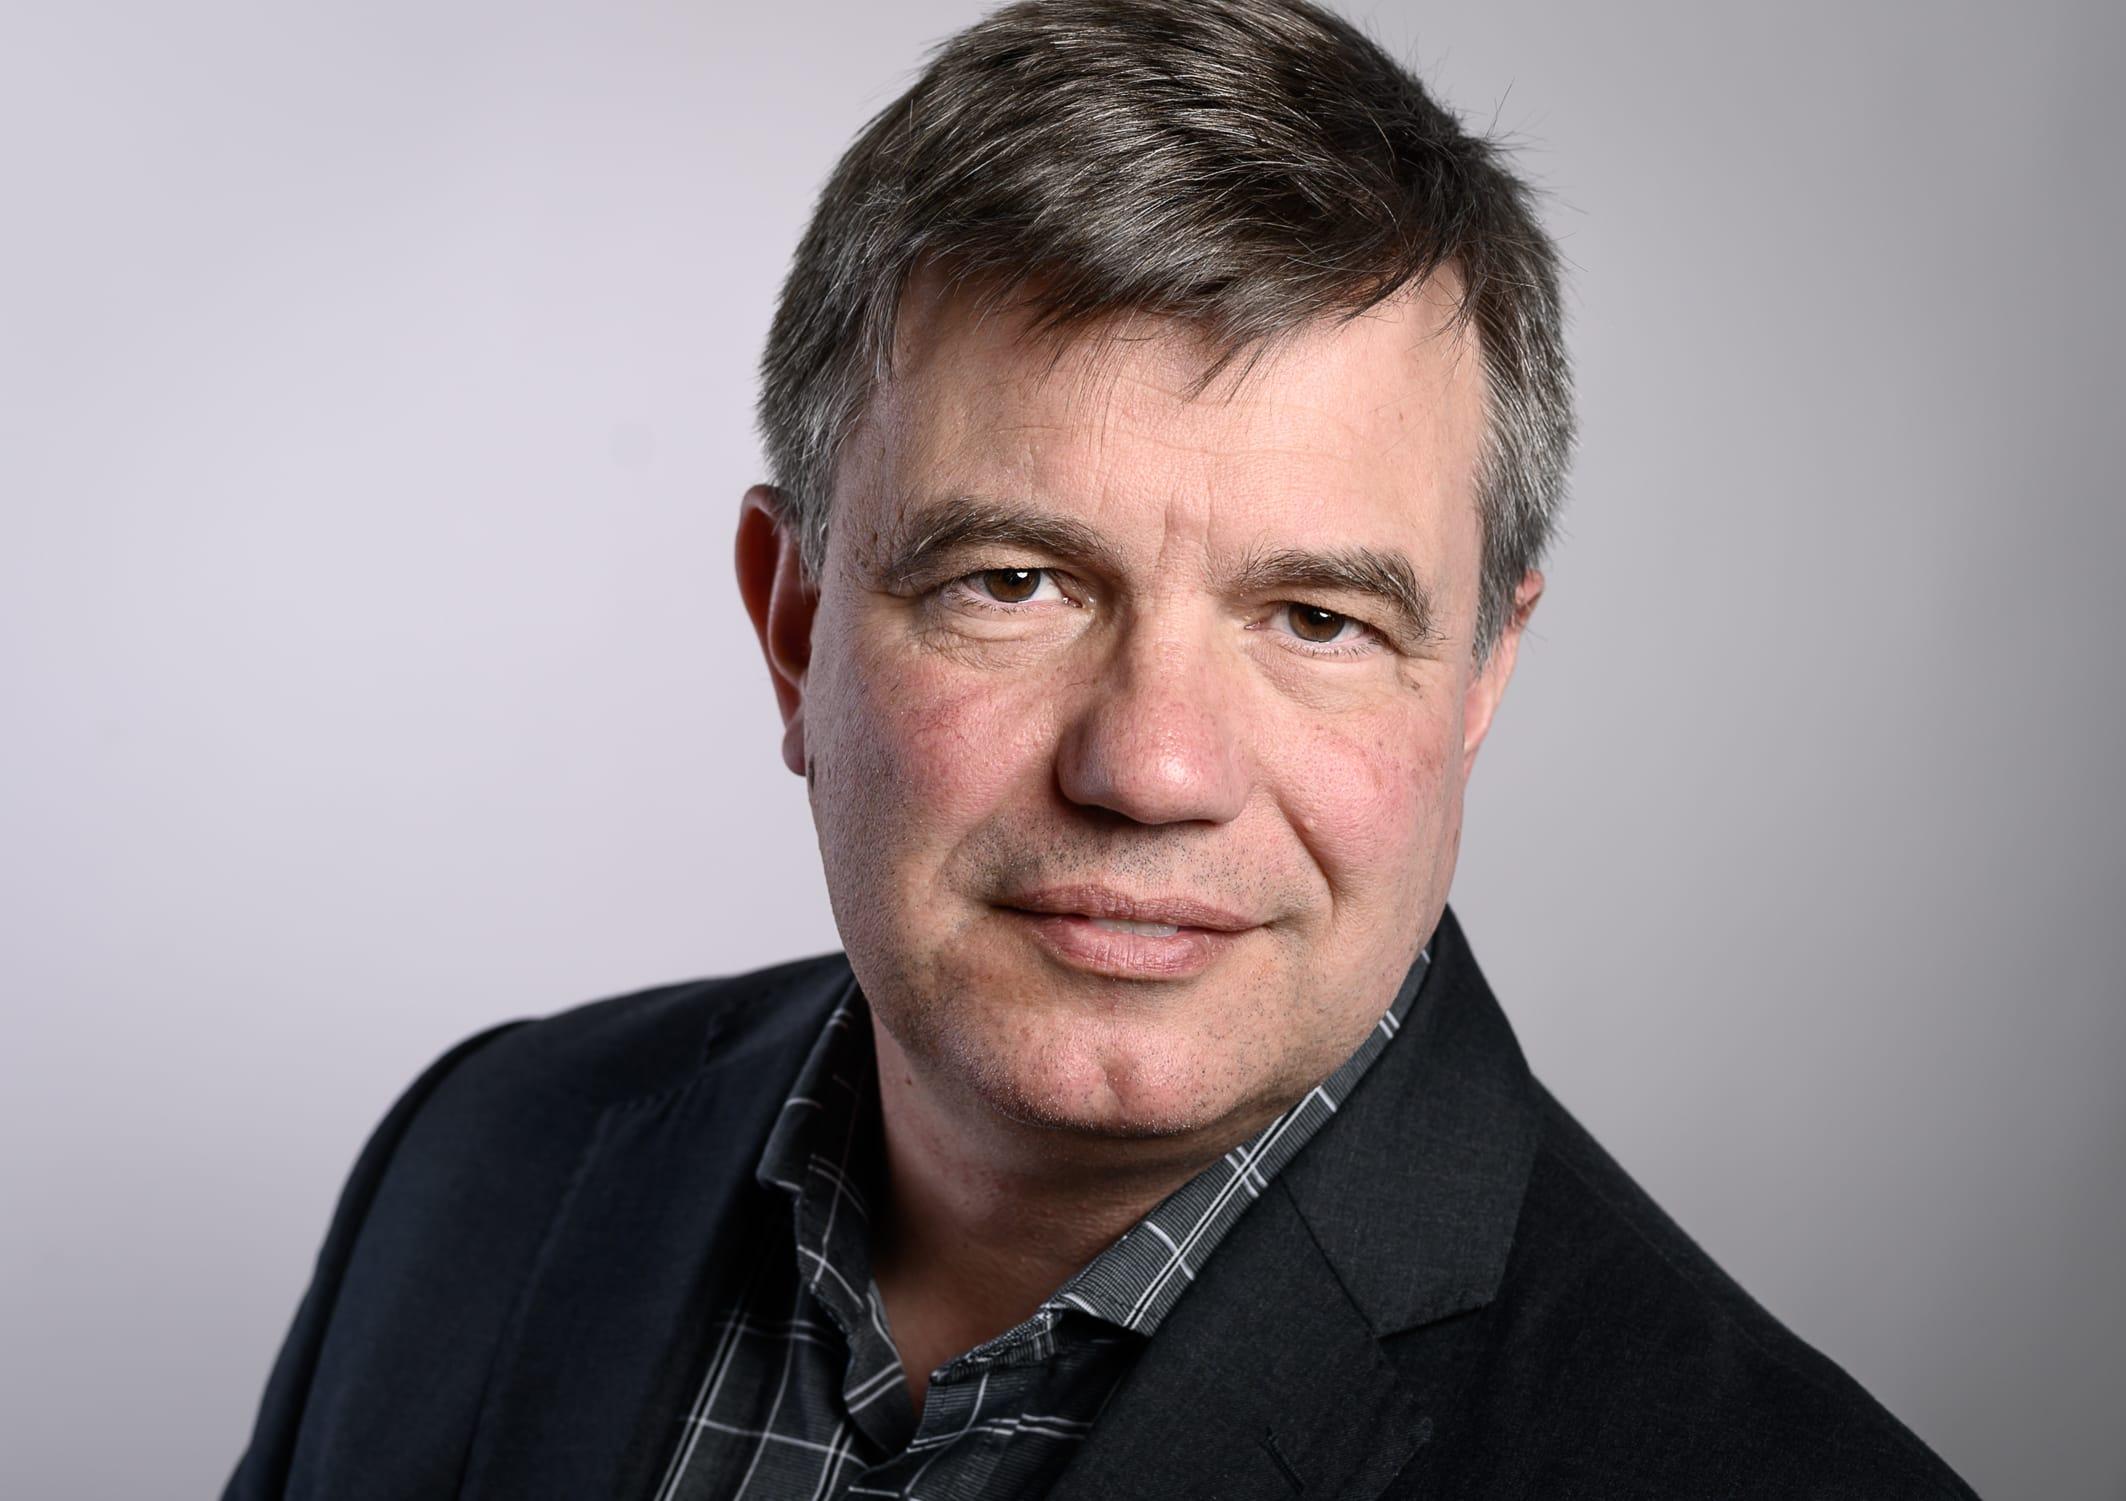 portrait Foto von Sven Müller